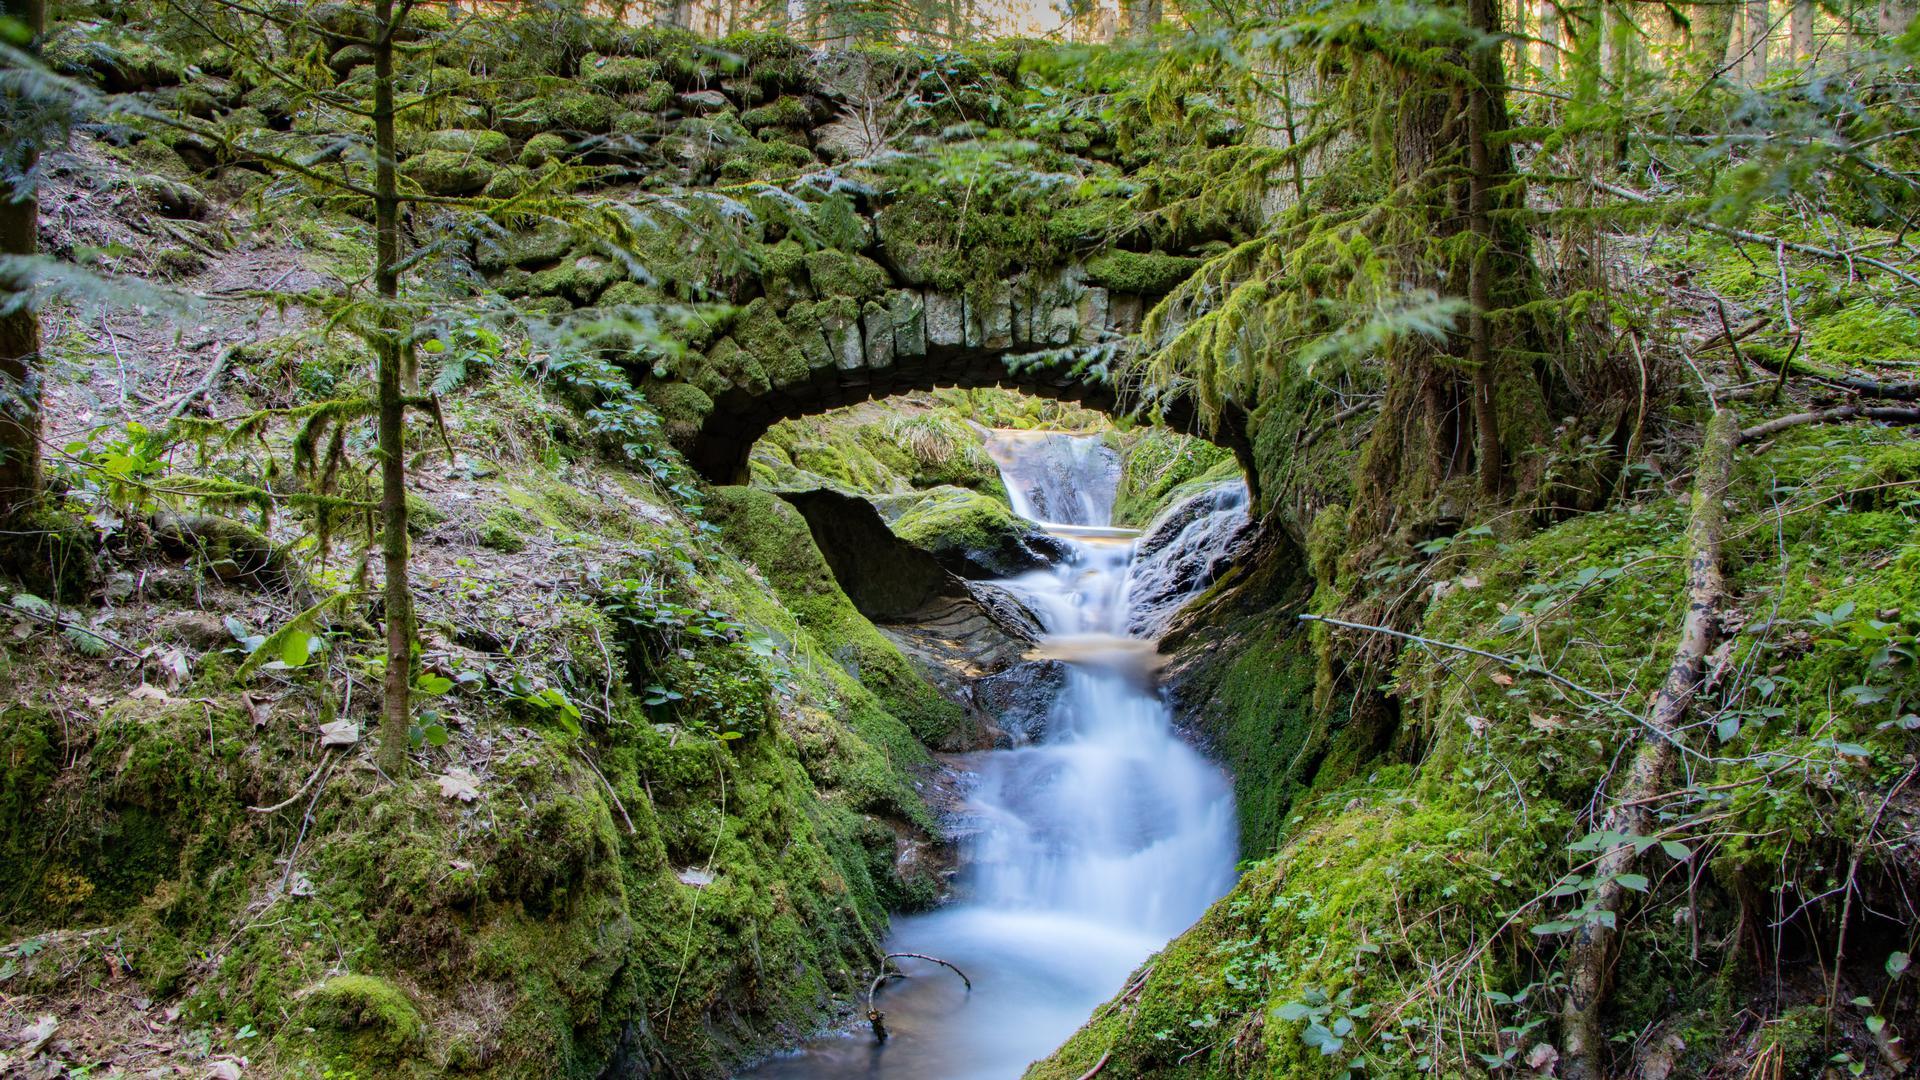 Wildromantischer Schwarzwald: Der Gottschlägbach mit seinen alten Steinbrücken speist die Edelfrauengrab-Wasserfälle oberhalb von Ottenhöfen.